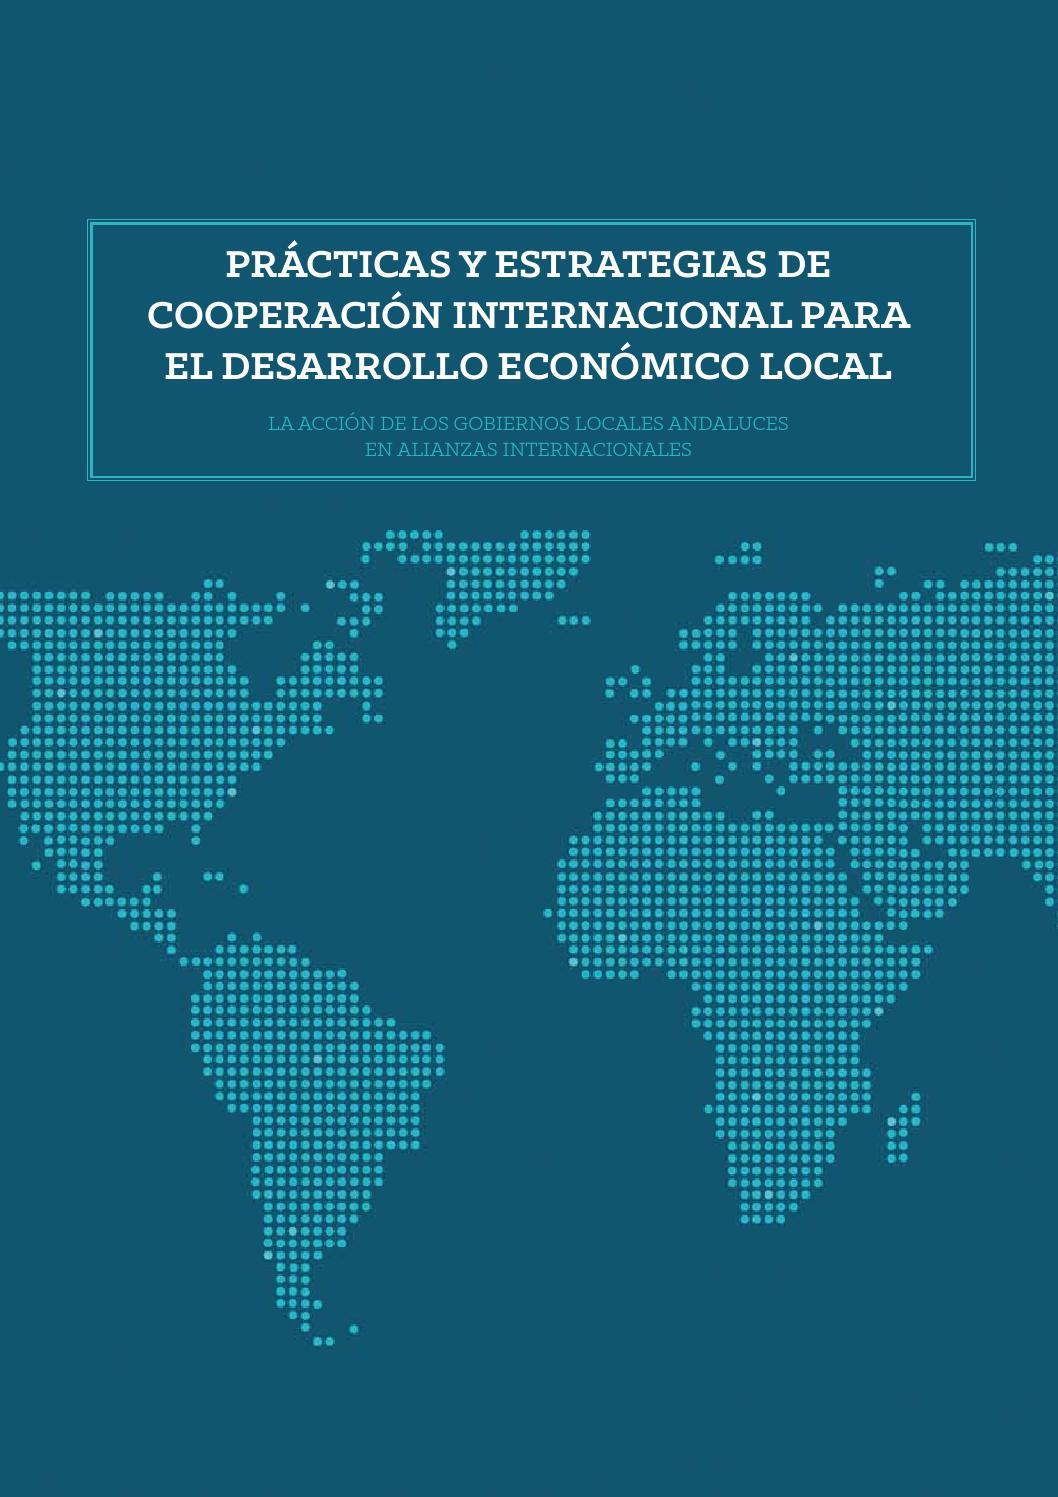 3a9233b1c6ad4 Prácticas y Estrategias de Cooperación Internacional para el Desarrollo  Económico Local by Fondo Andaluz de Municipios para la Solidaridad  Internacional ...